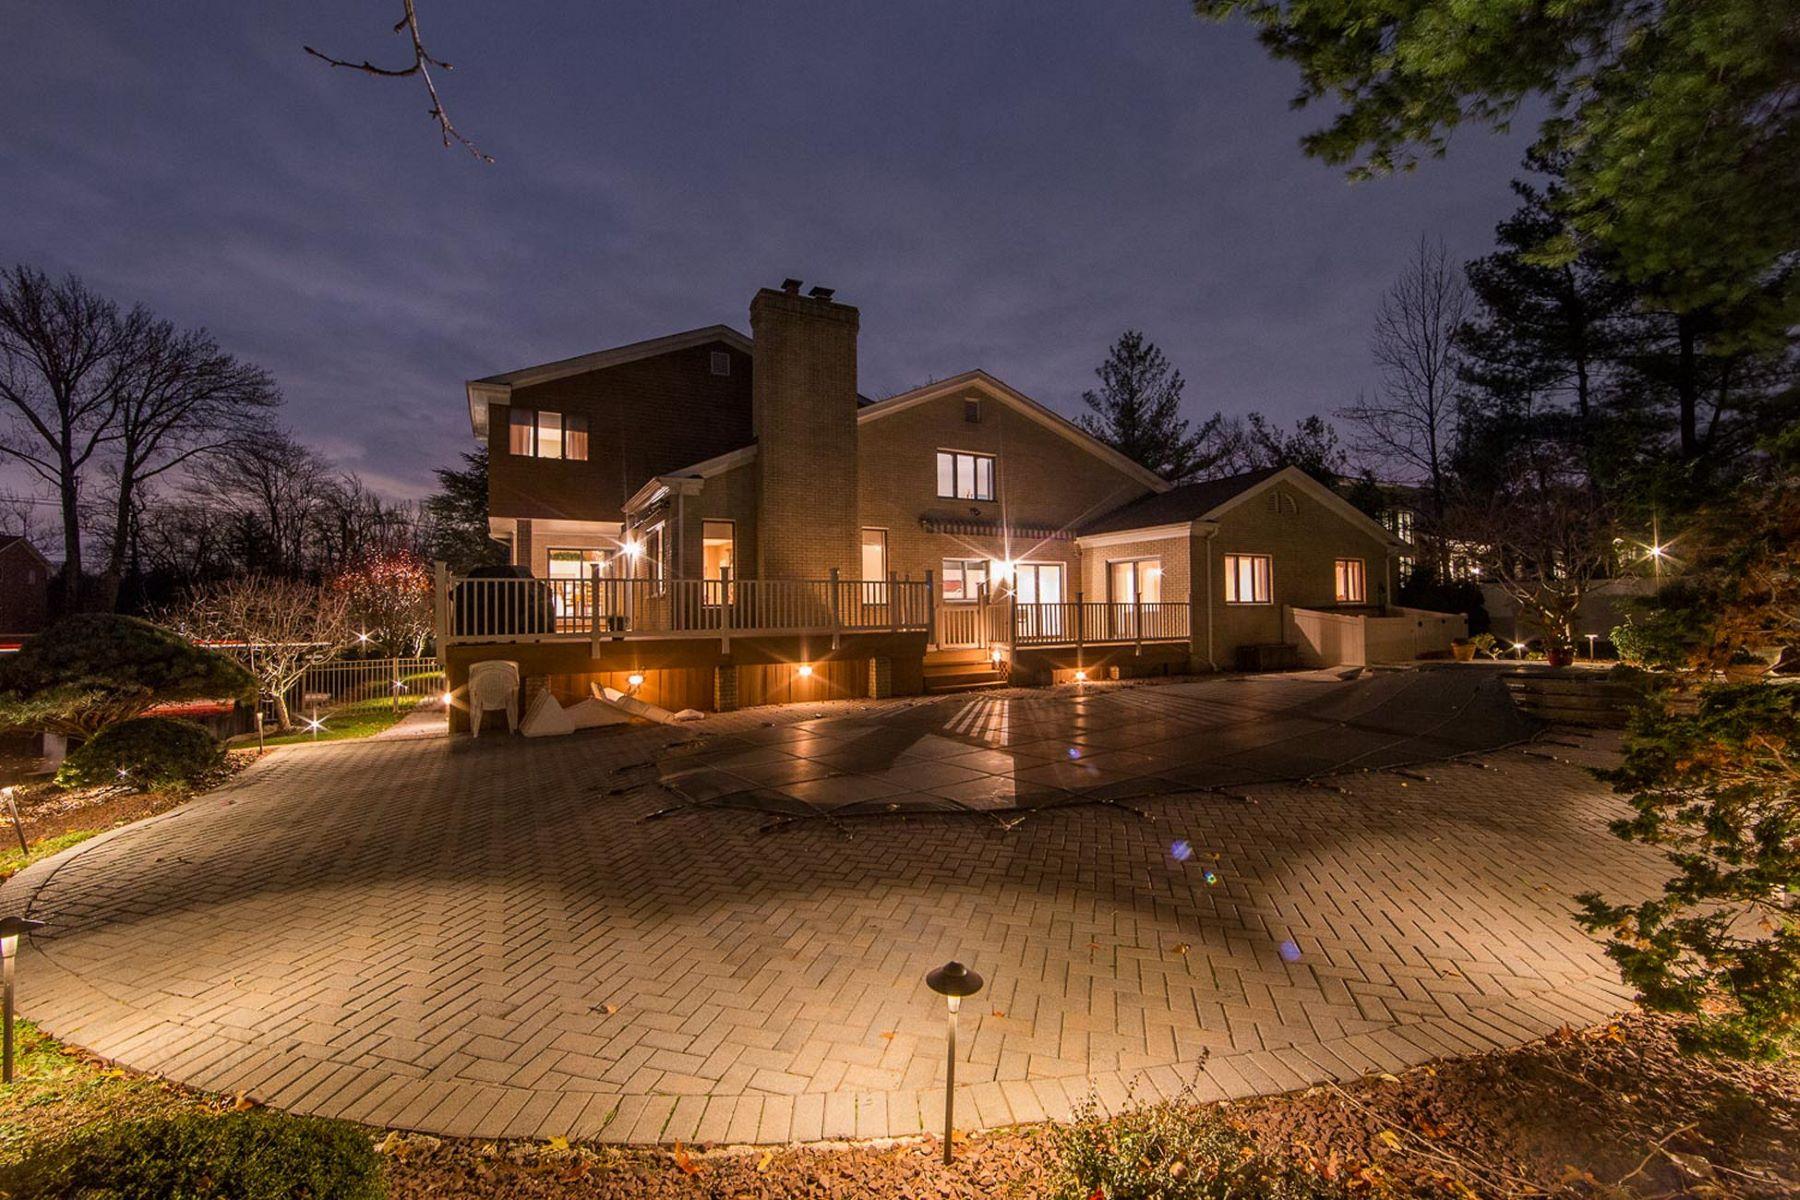 独户住宅 为 销售 在 Custom Built Colonial 185 Pershing Rd. 恩格尔伍德克利夫斯, 新泽西州 07632 美国